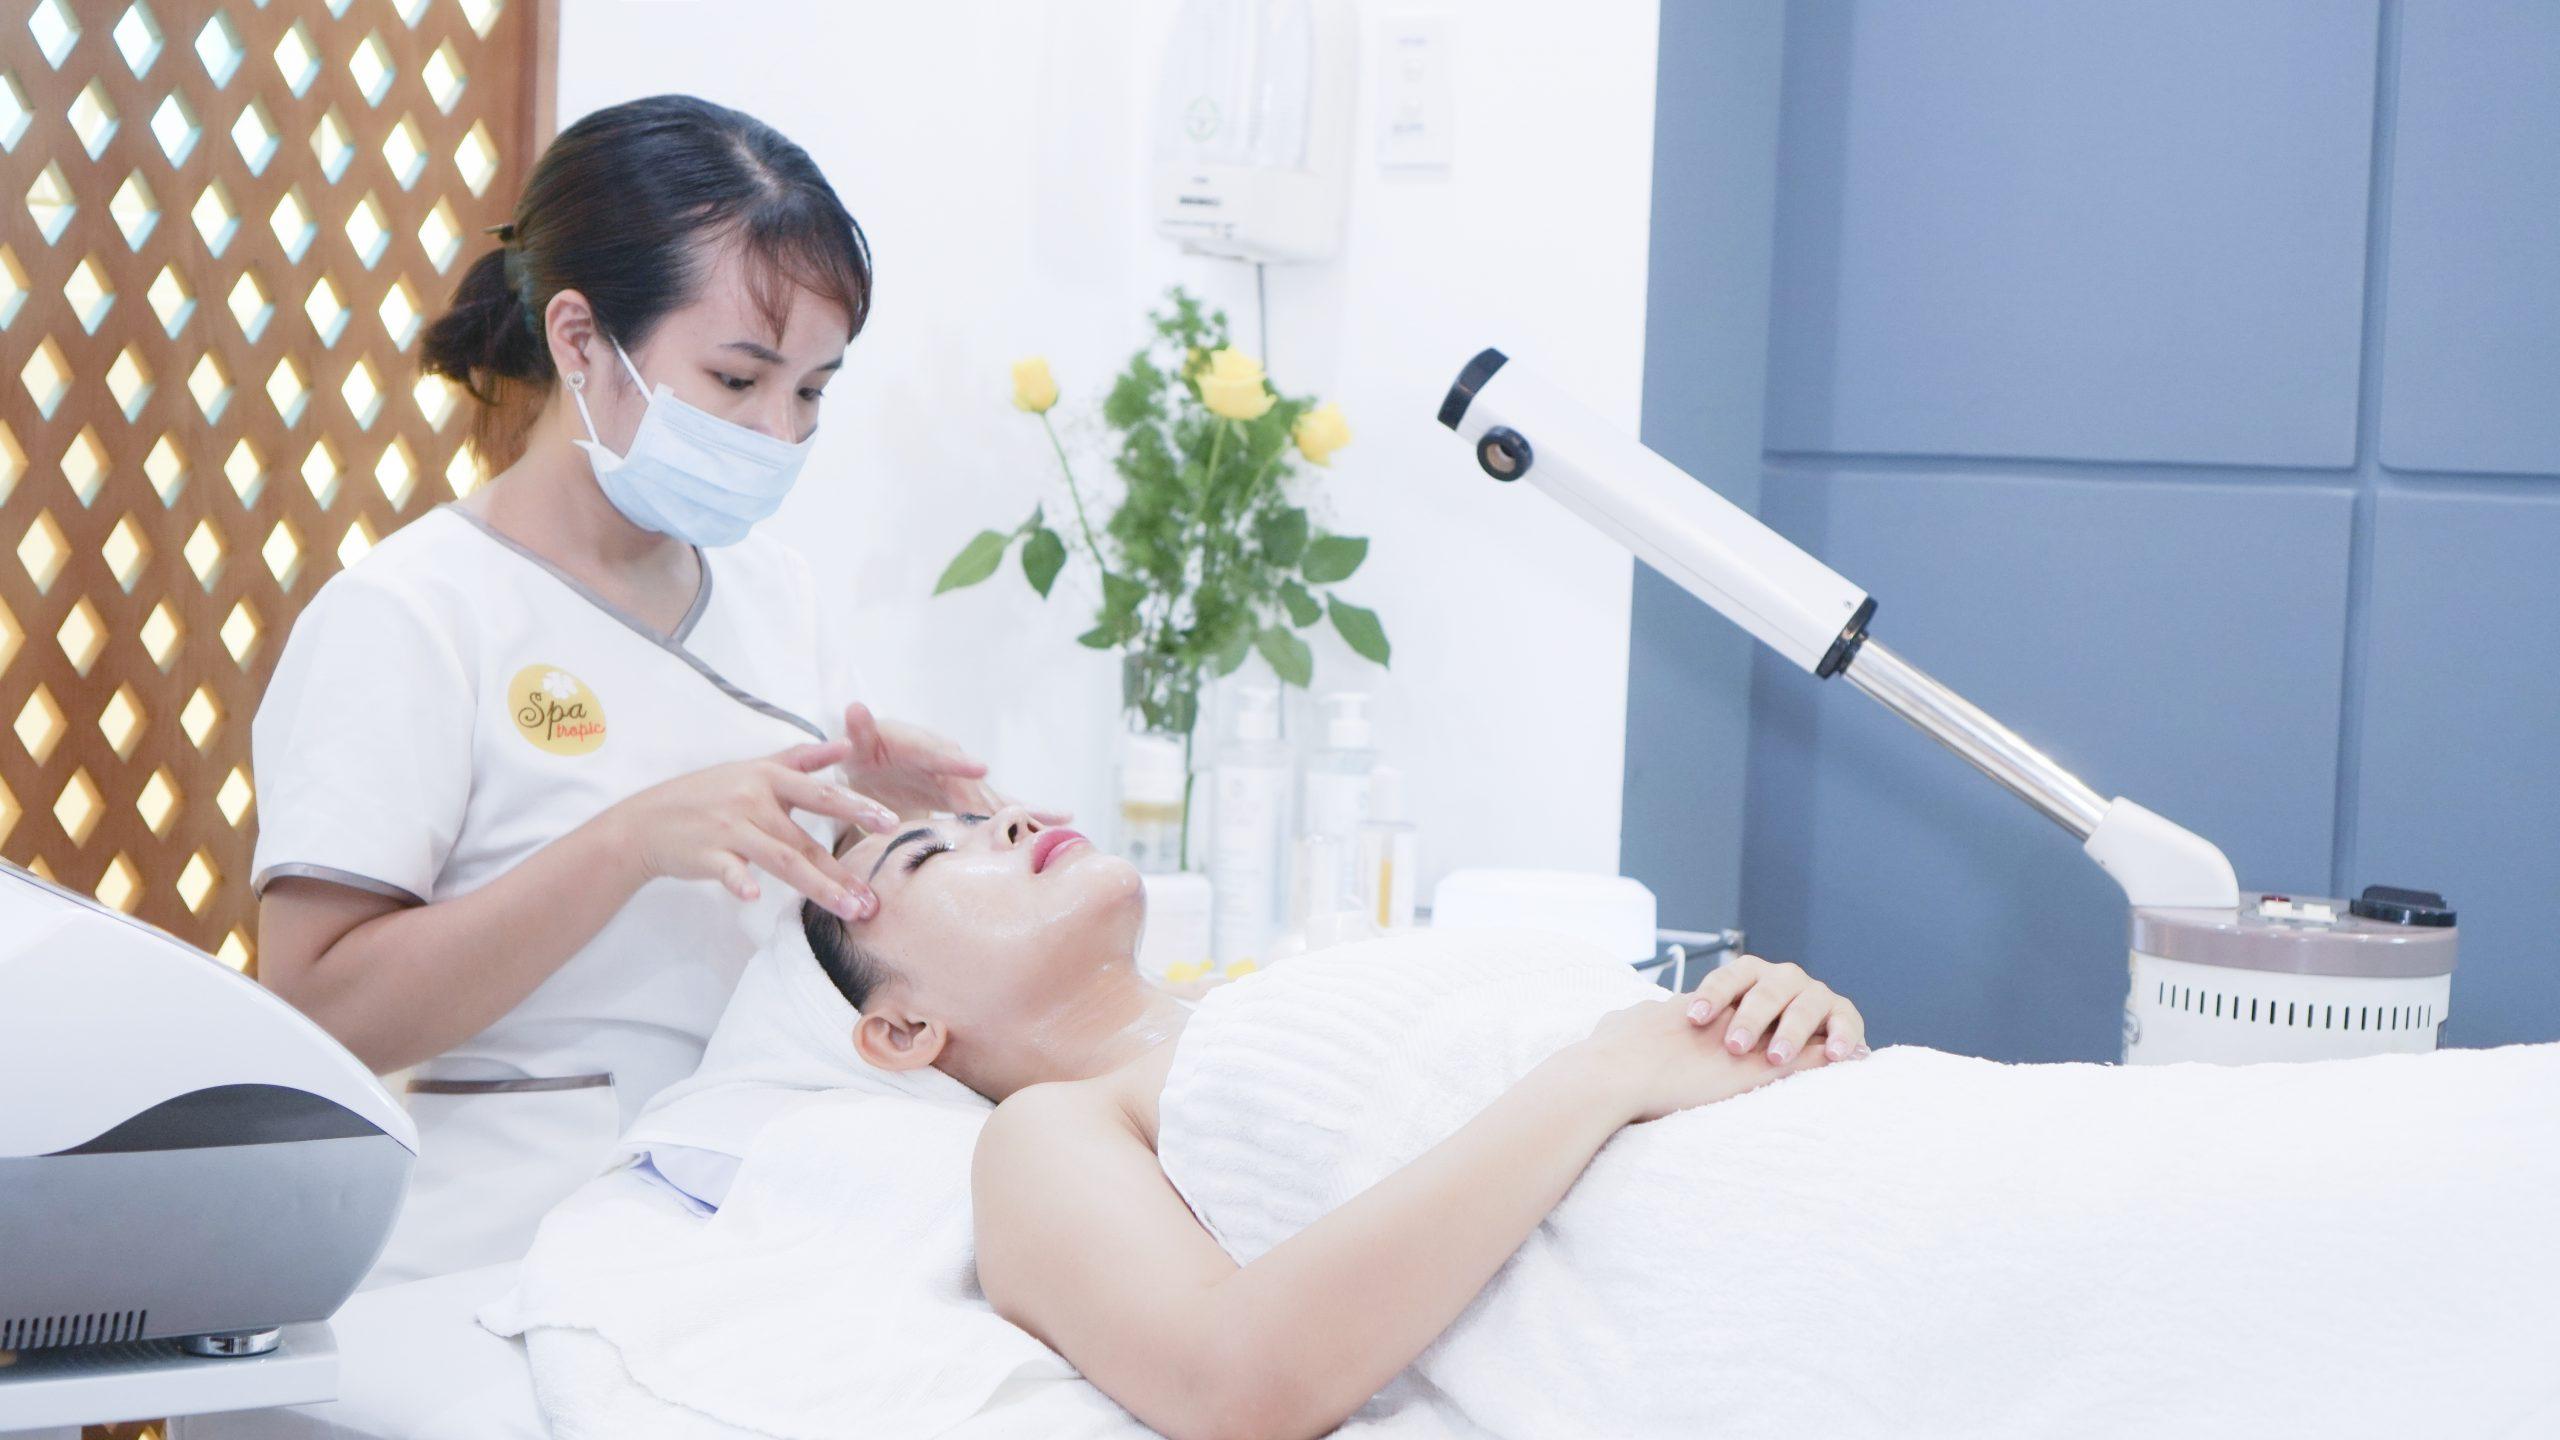 địa chỉ điều trị mụn uy tín và hiệu quả ở TpHCM